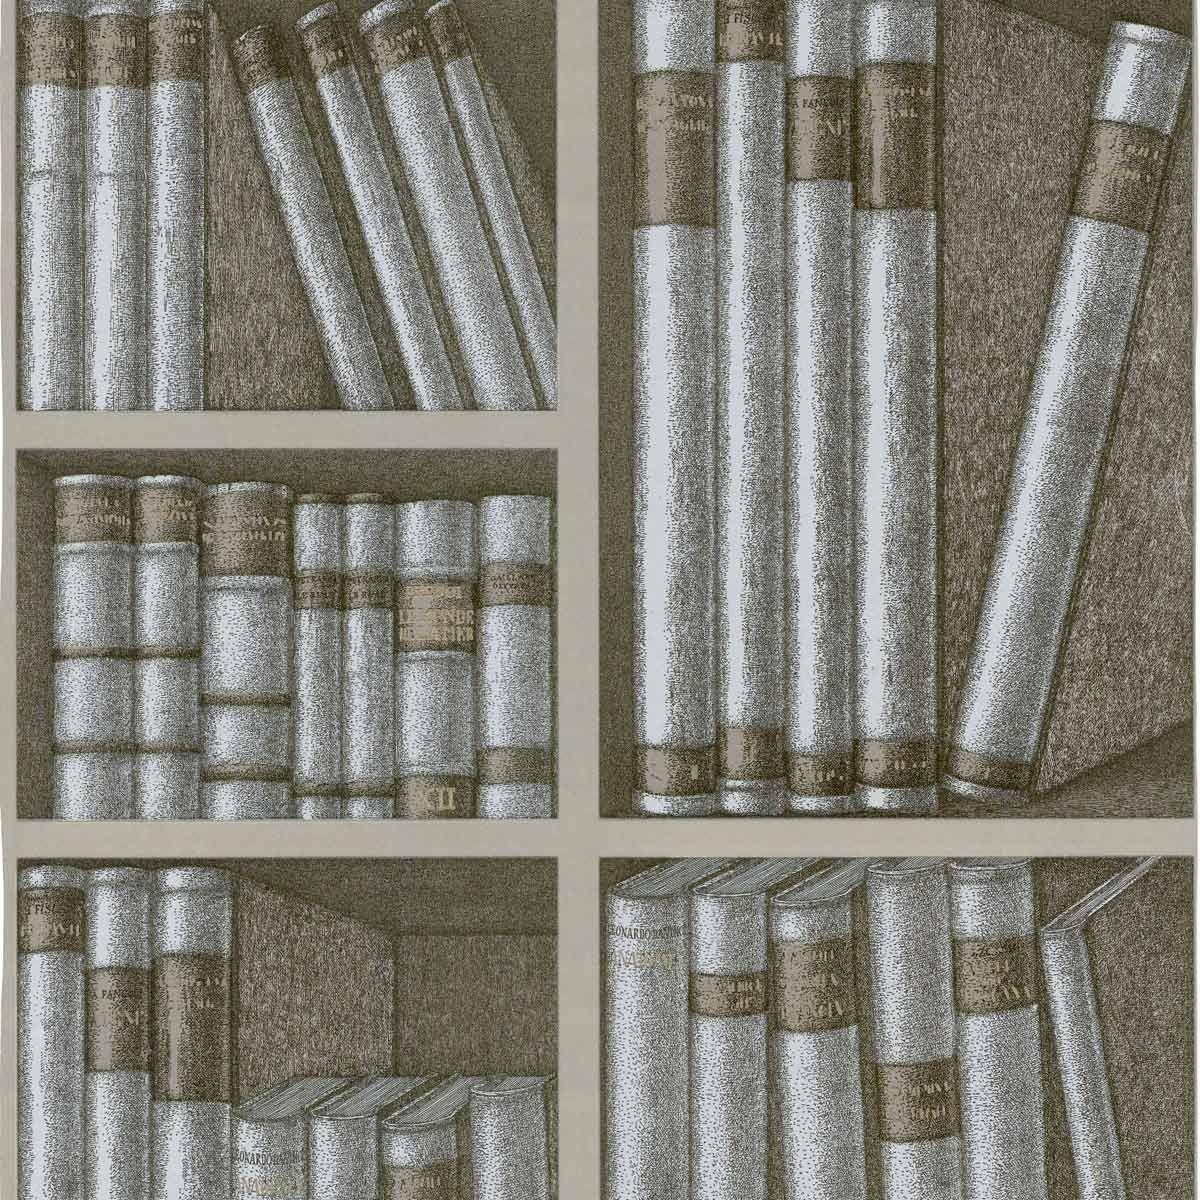 papier peint ex libris fornasetti 2 rouleaux n cessaires. Black Bedroom Furniture Sets. Home Design Ideas